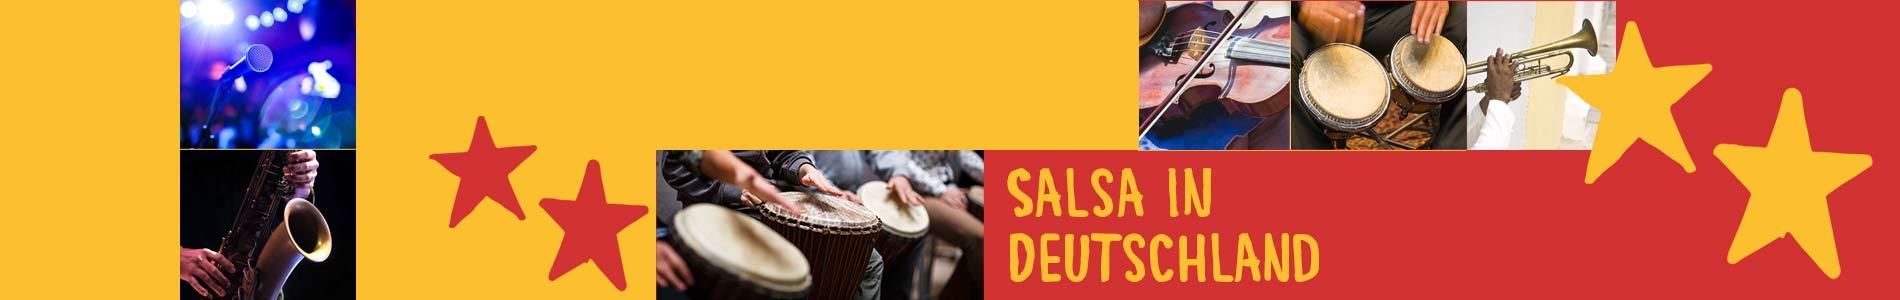 Salsa in Dabel – Salsa lernen und tanzen, Tanzkurse, Partys, Veranstaltungen